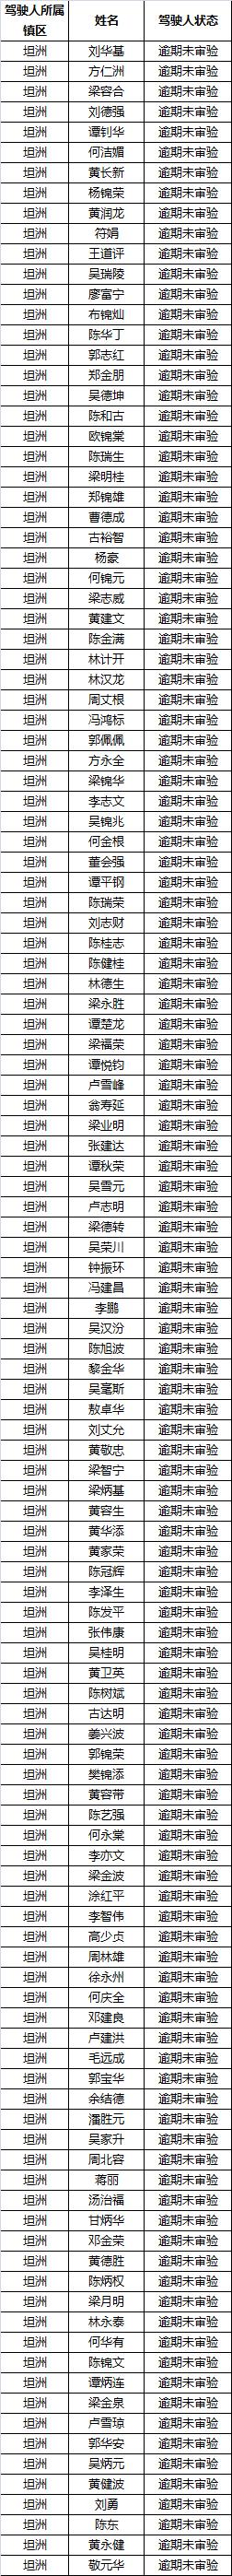 坦洲交警曝光一批重点隐患驾驶人名单!快看看名单有没有你?